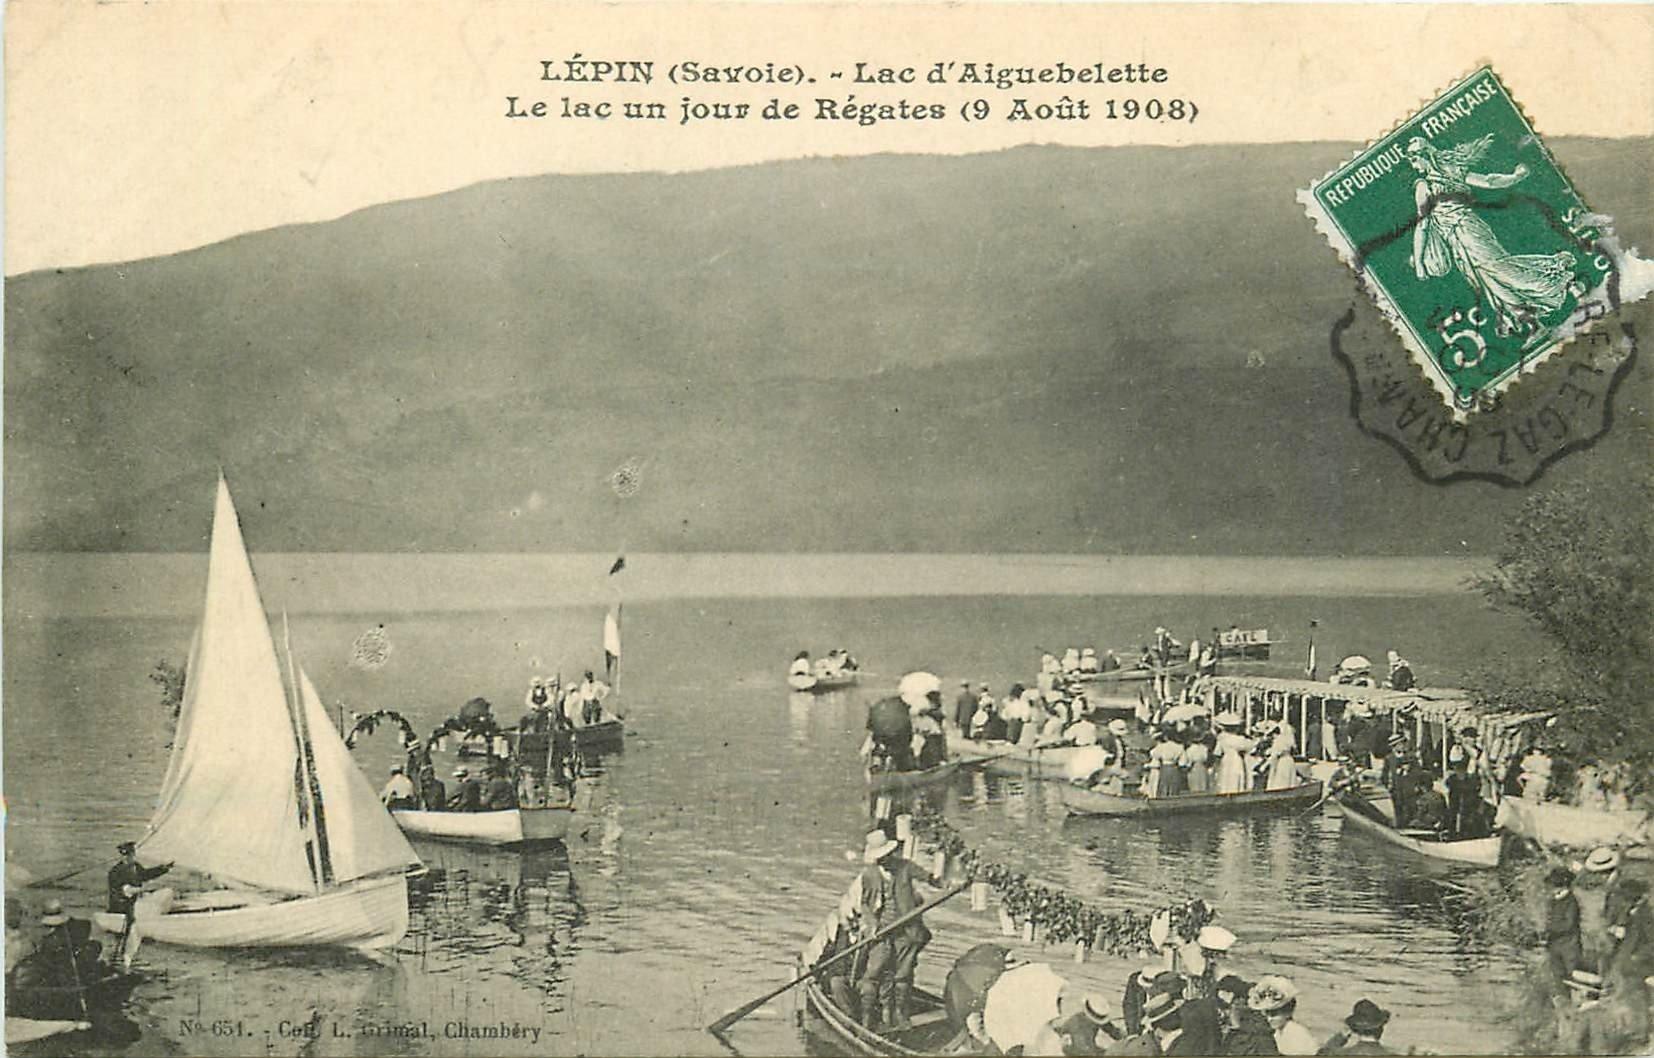 73 LEPIN. Jour de Régates sur Lac d'Aiguebelette 1908